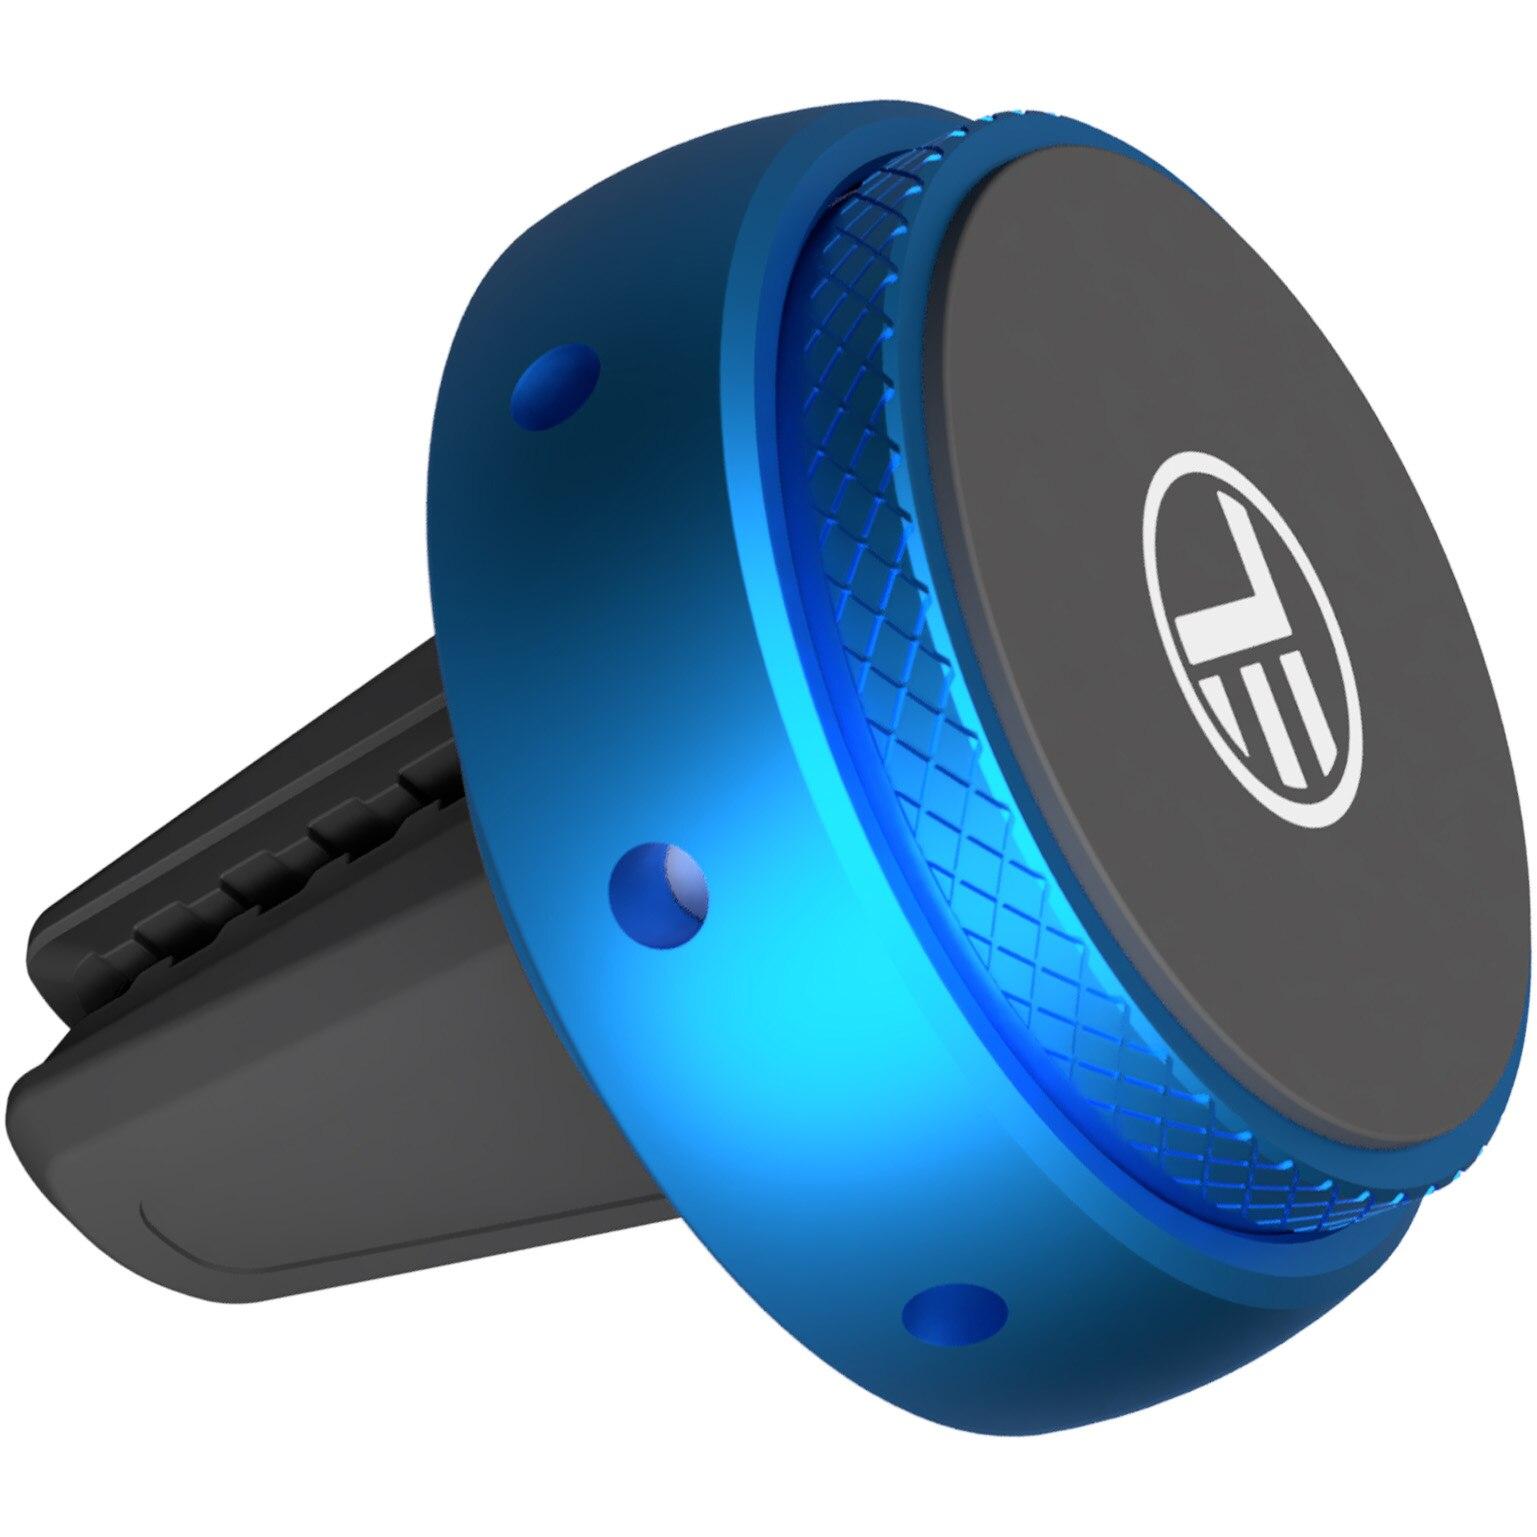 Fotografie Odorizant auto Tellur FreshDot cu suport magnetic de telefon pentru ventilatie , ocean, albastru